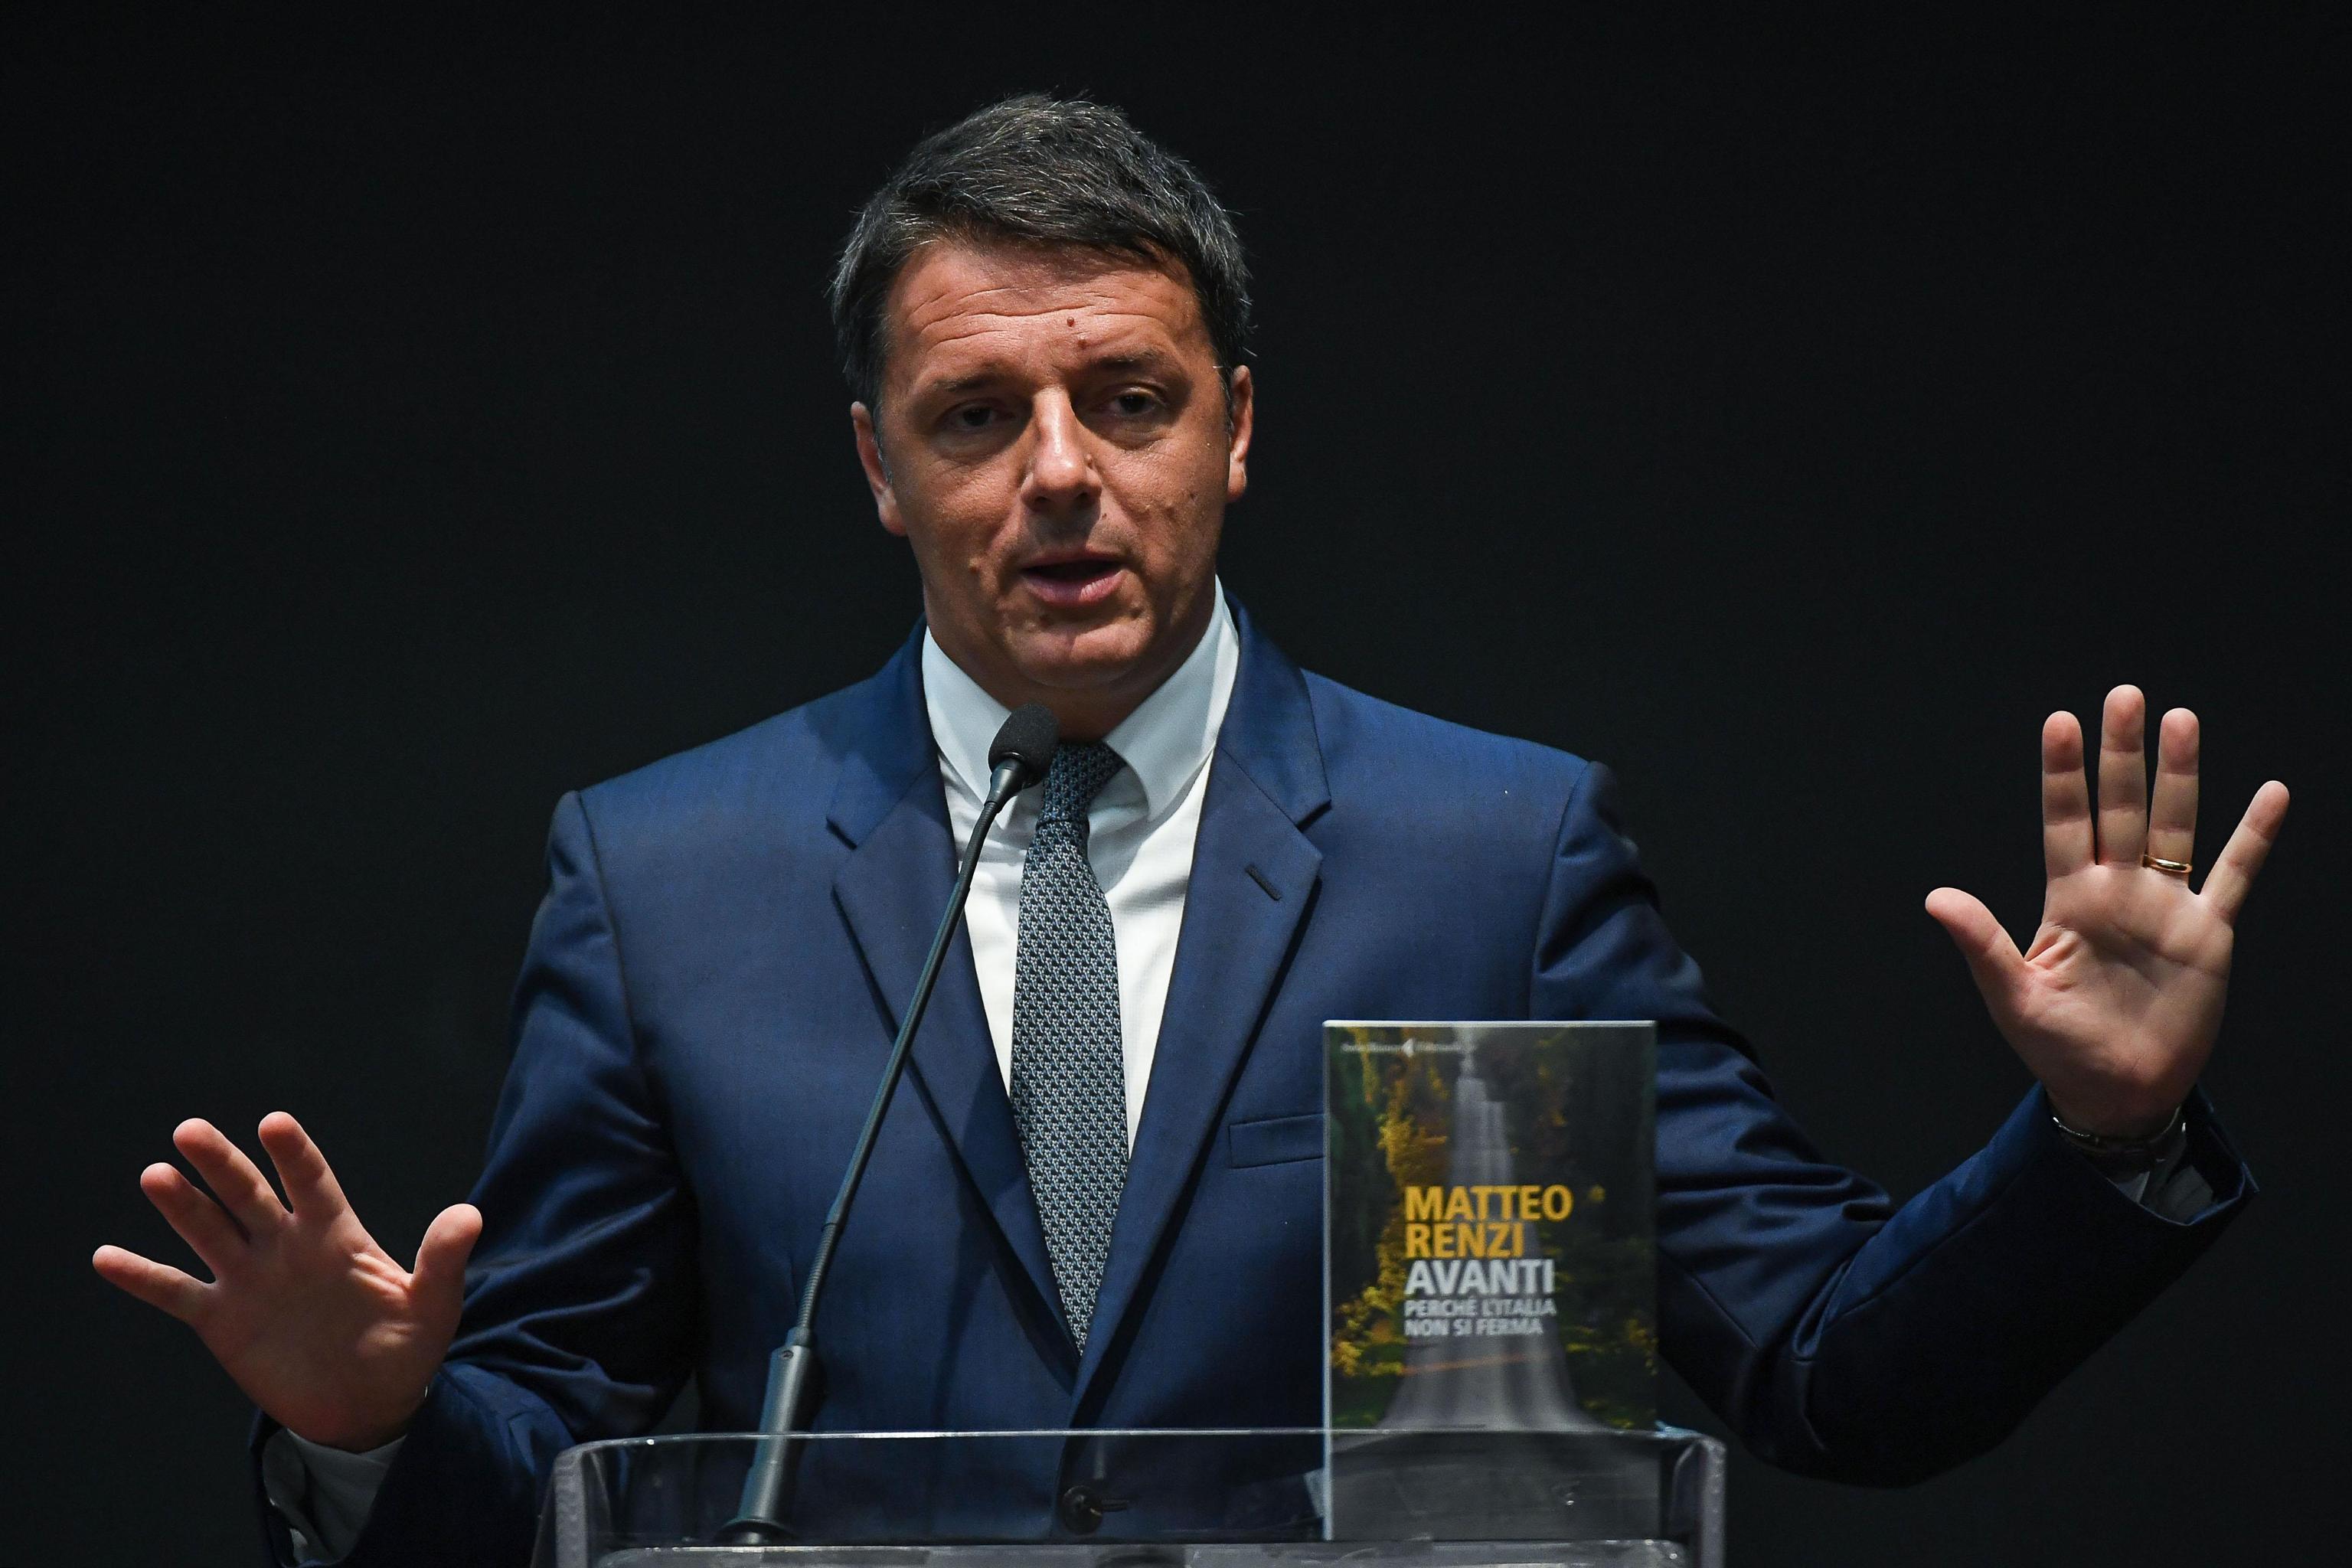 Matteo Renzi e il nuovo libro 'Avanti': la resa dei conti dell'ex premier fa infuriare  Letta